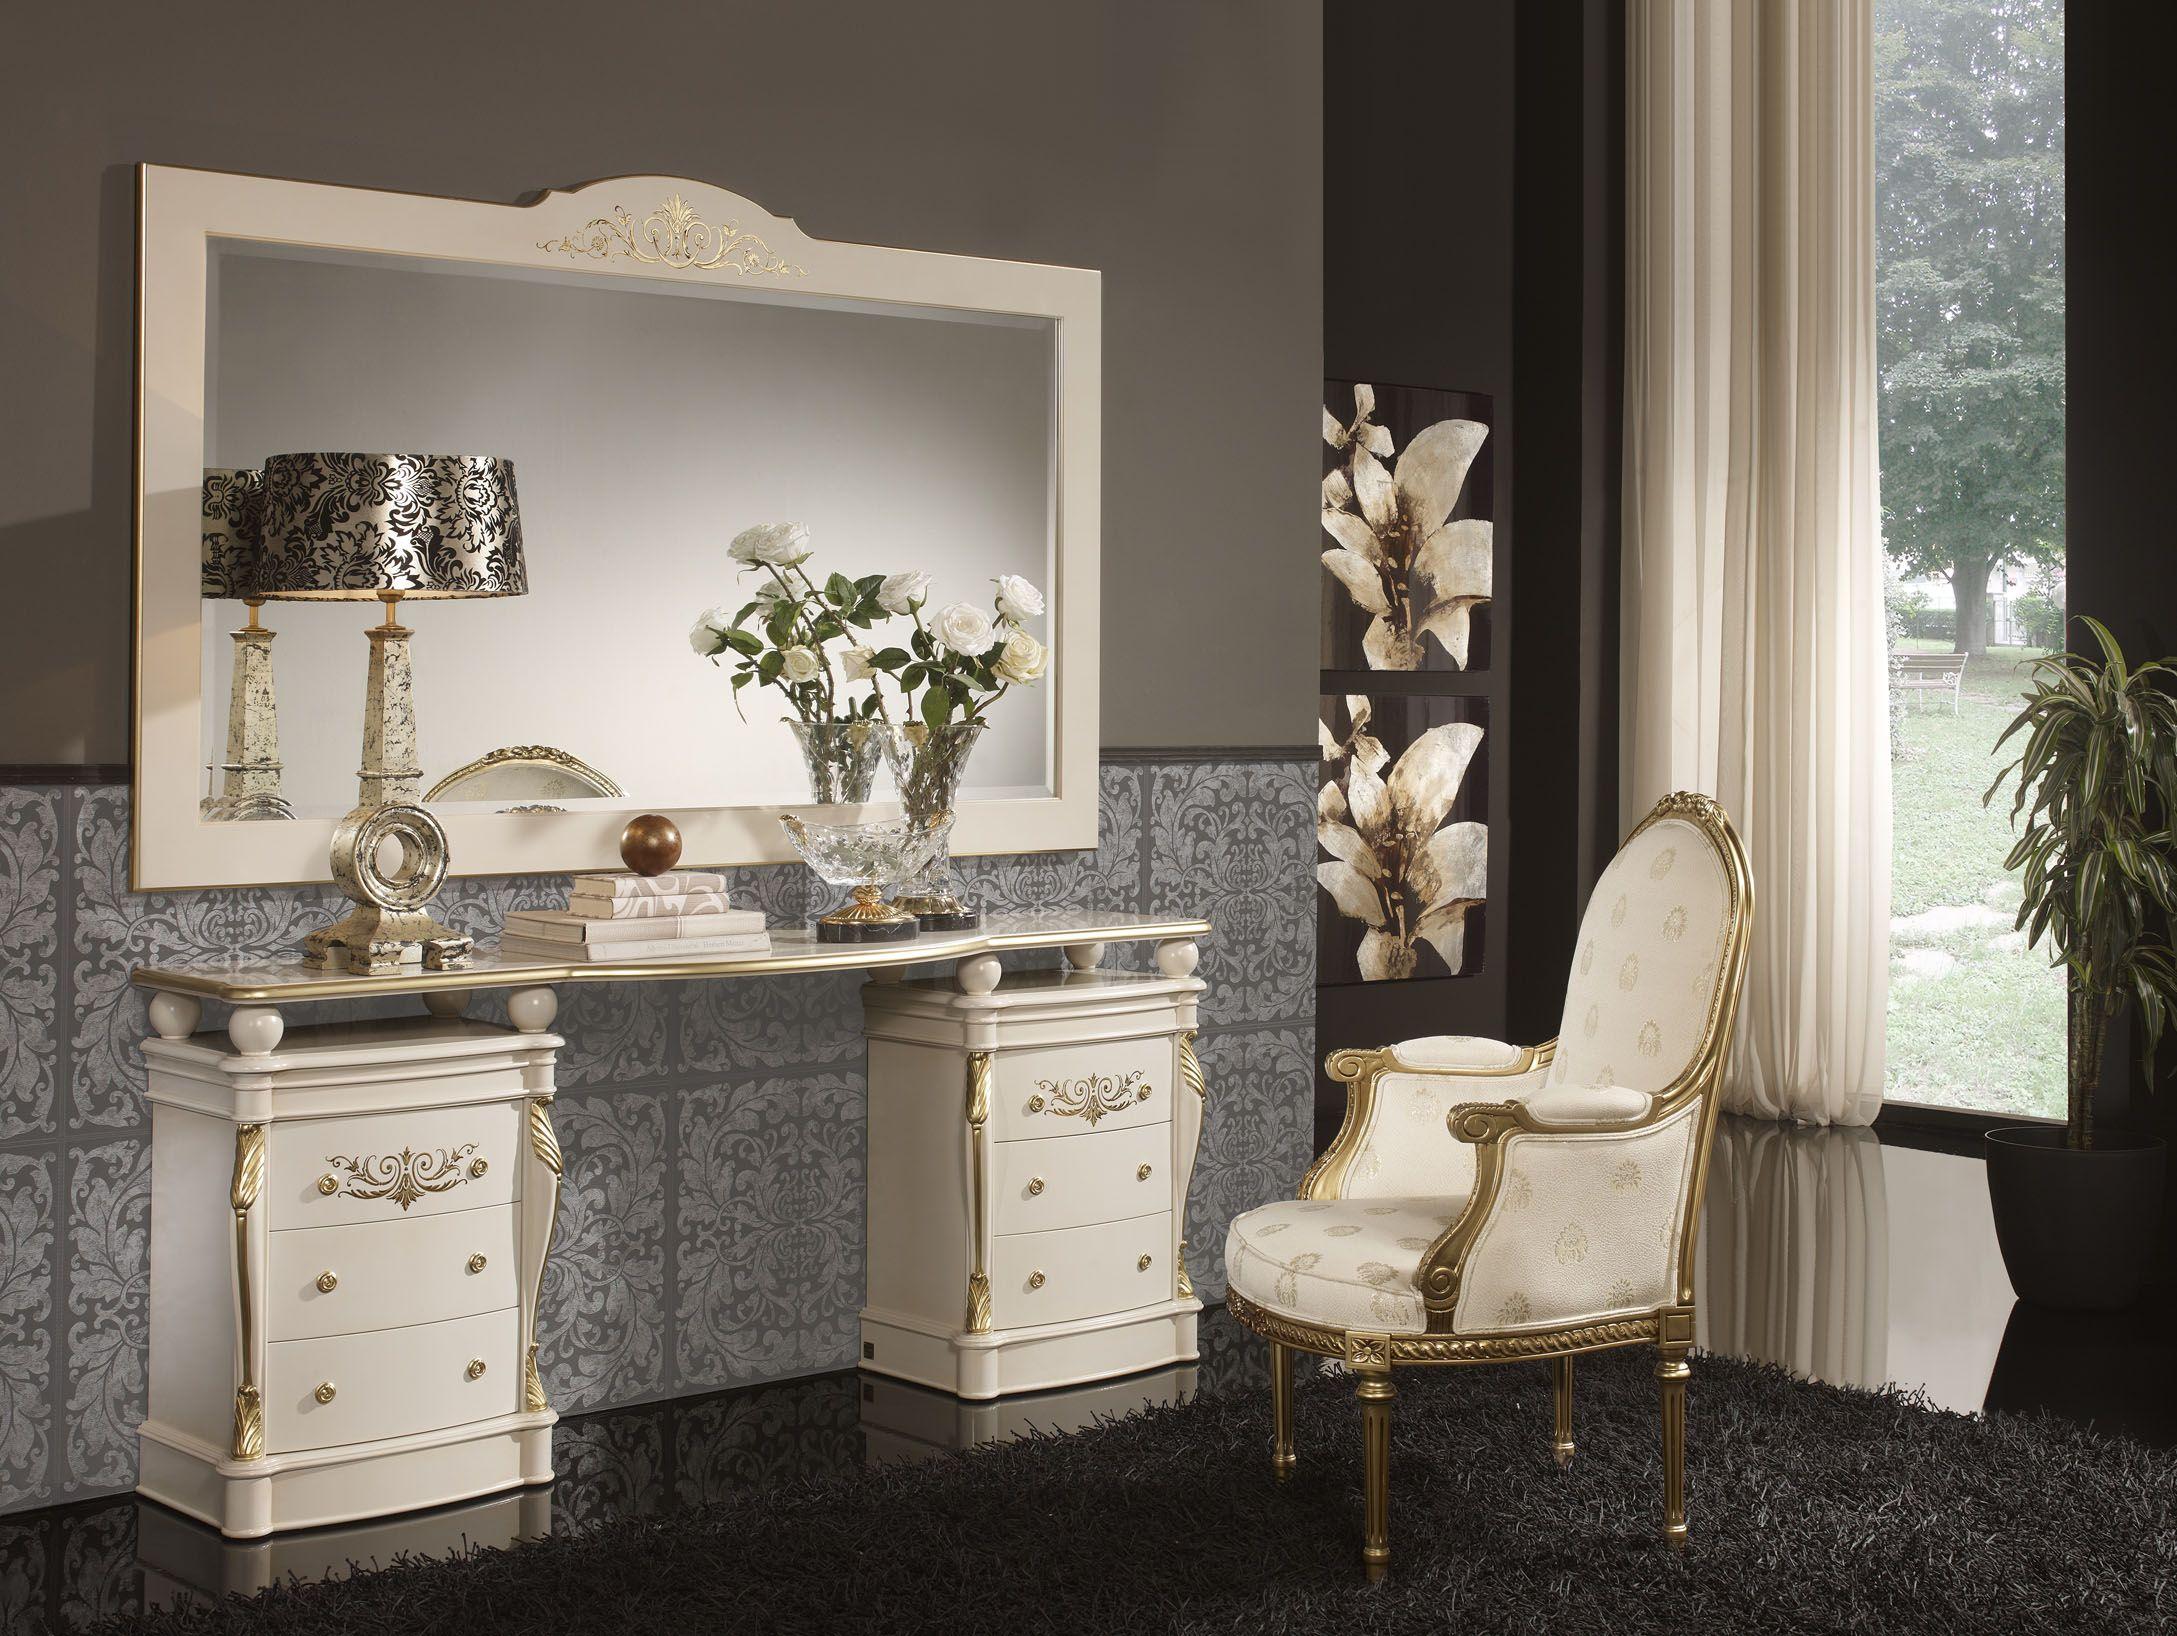 Muebles de gama alta estilo colonial y barroco - Dormitorio estilo colonial ...